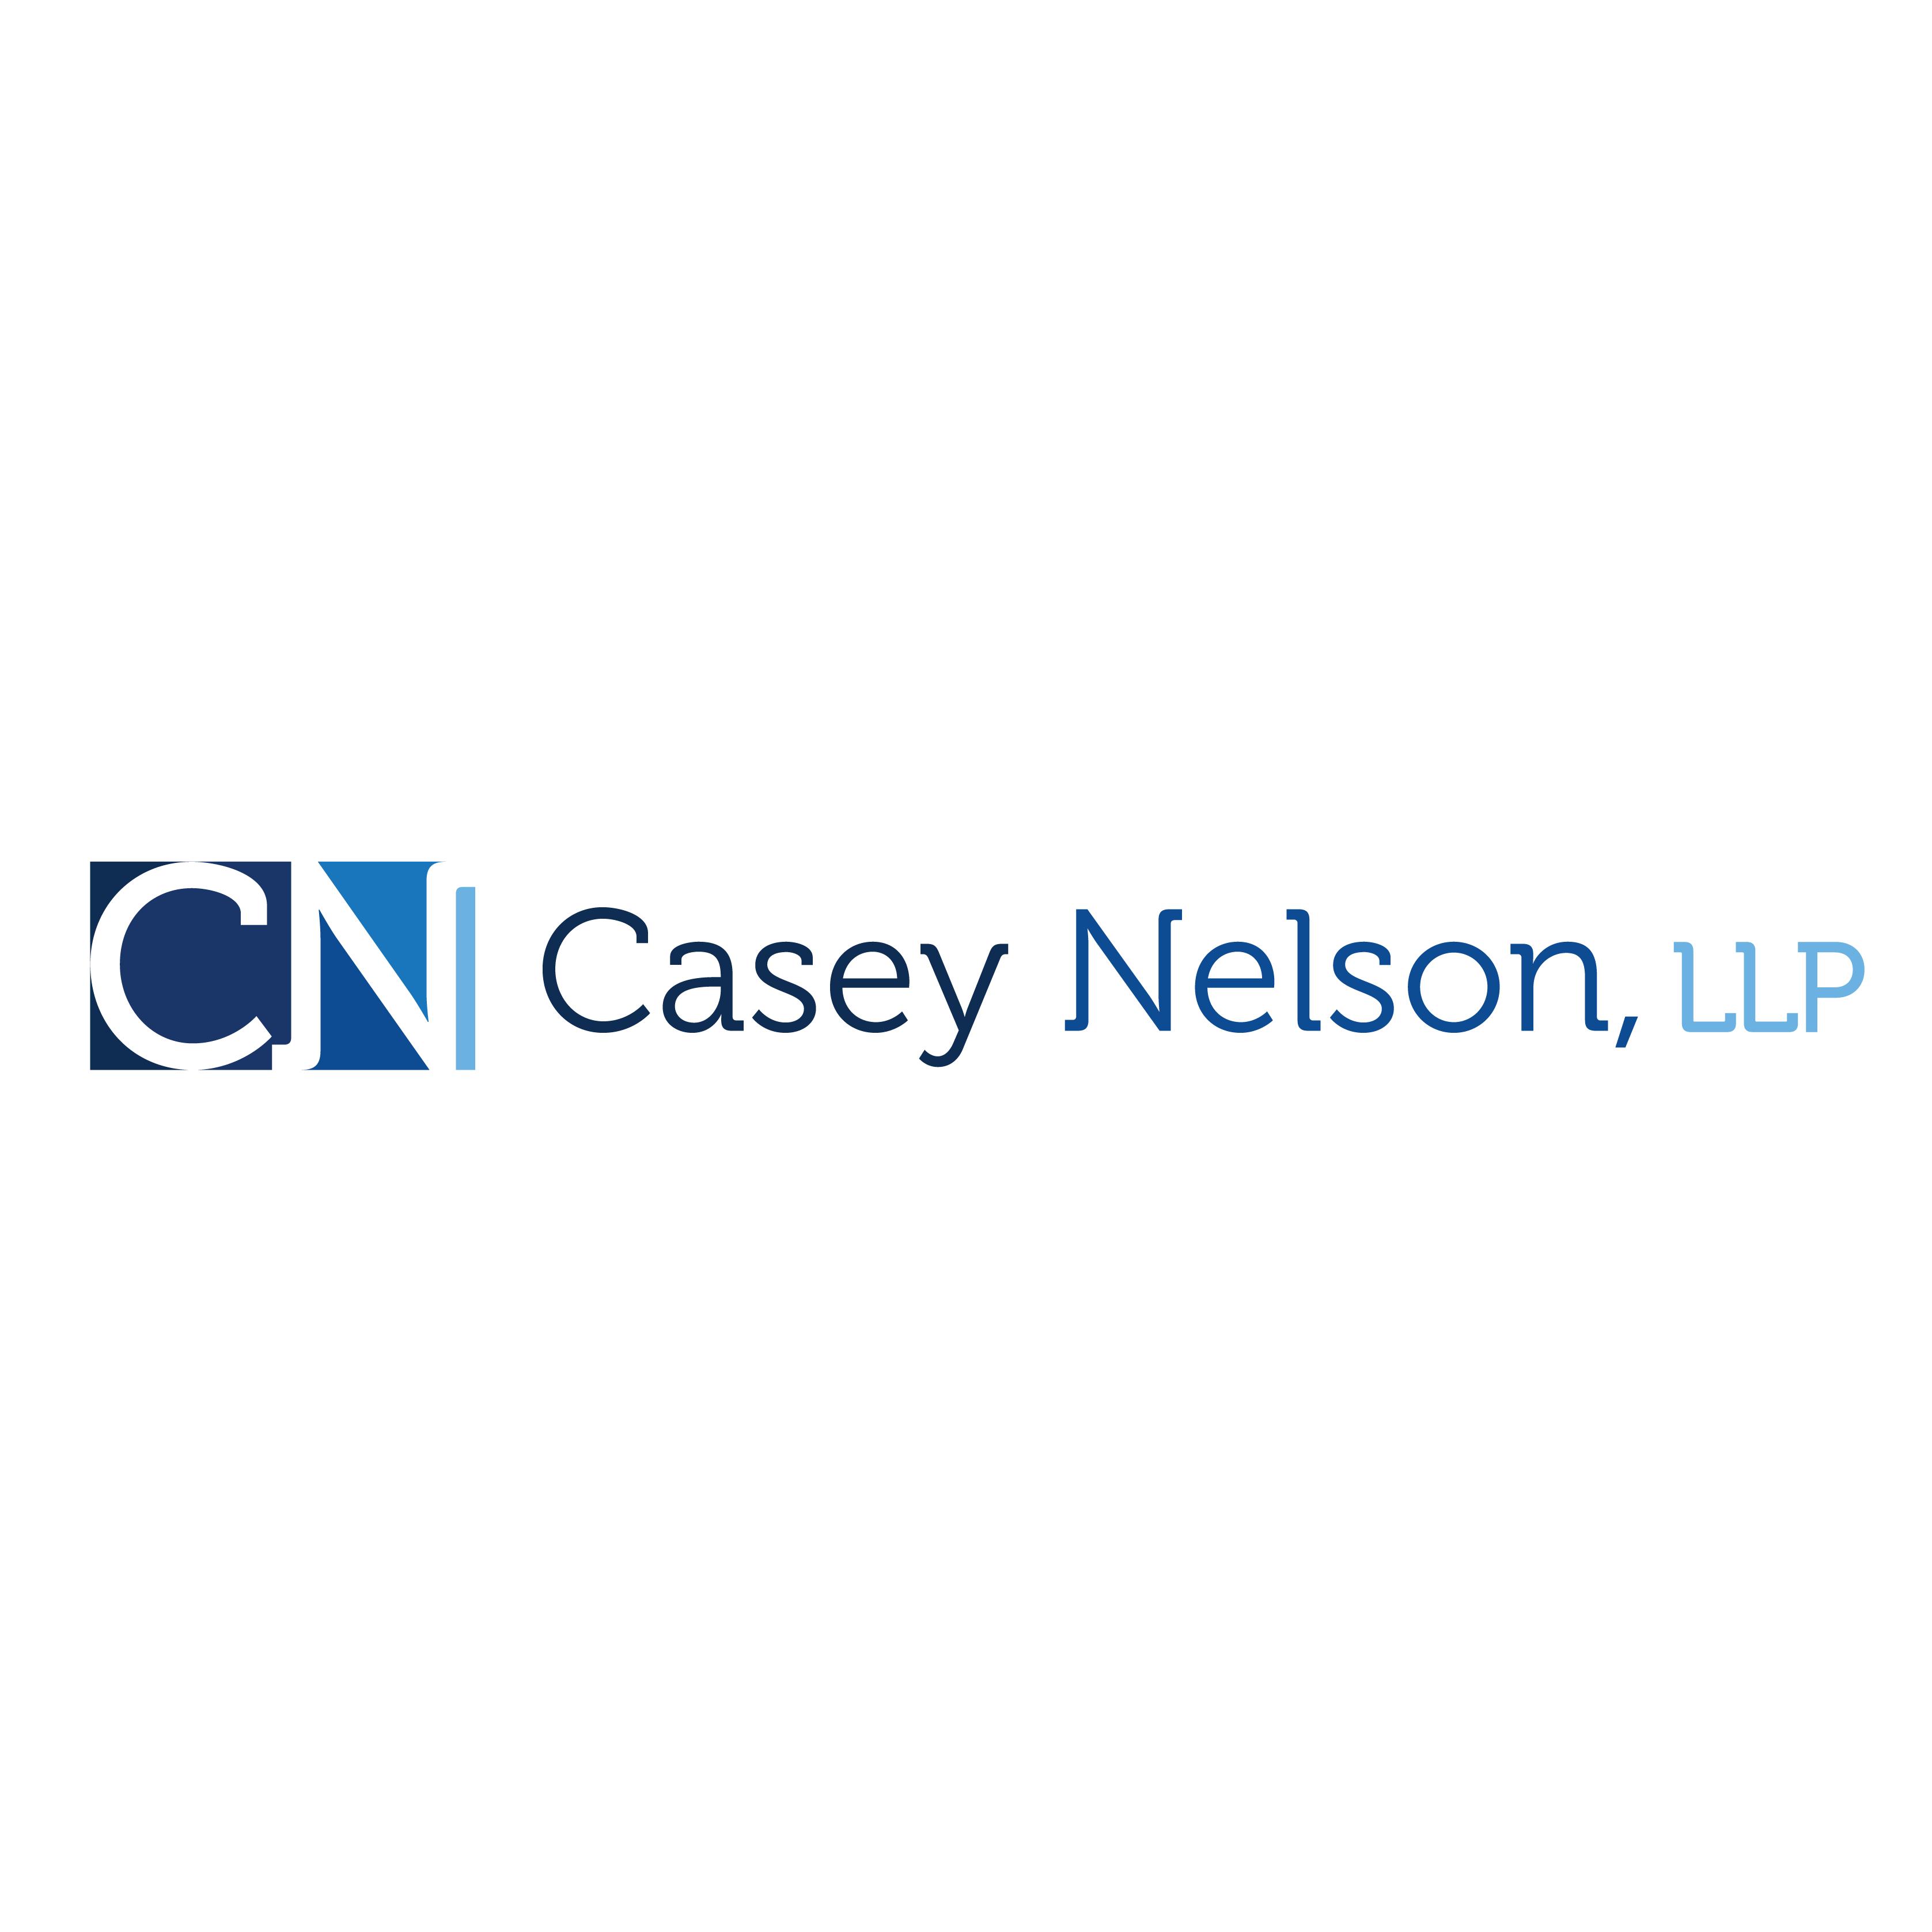 Casey Nelson LLP